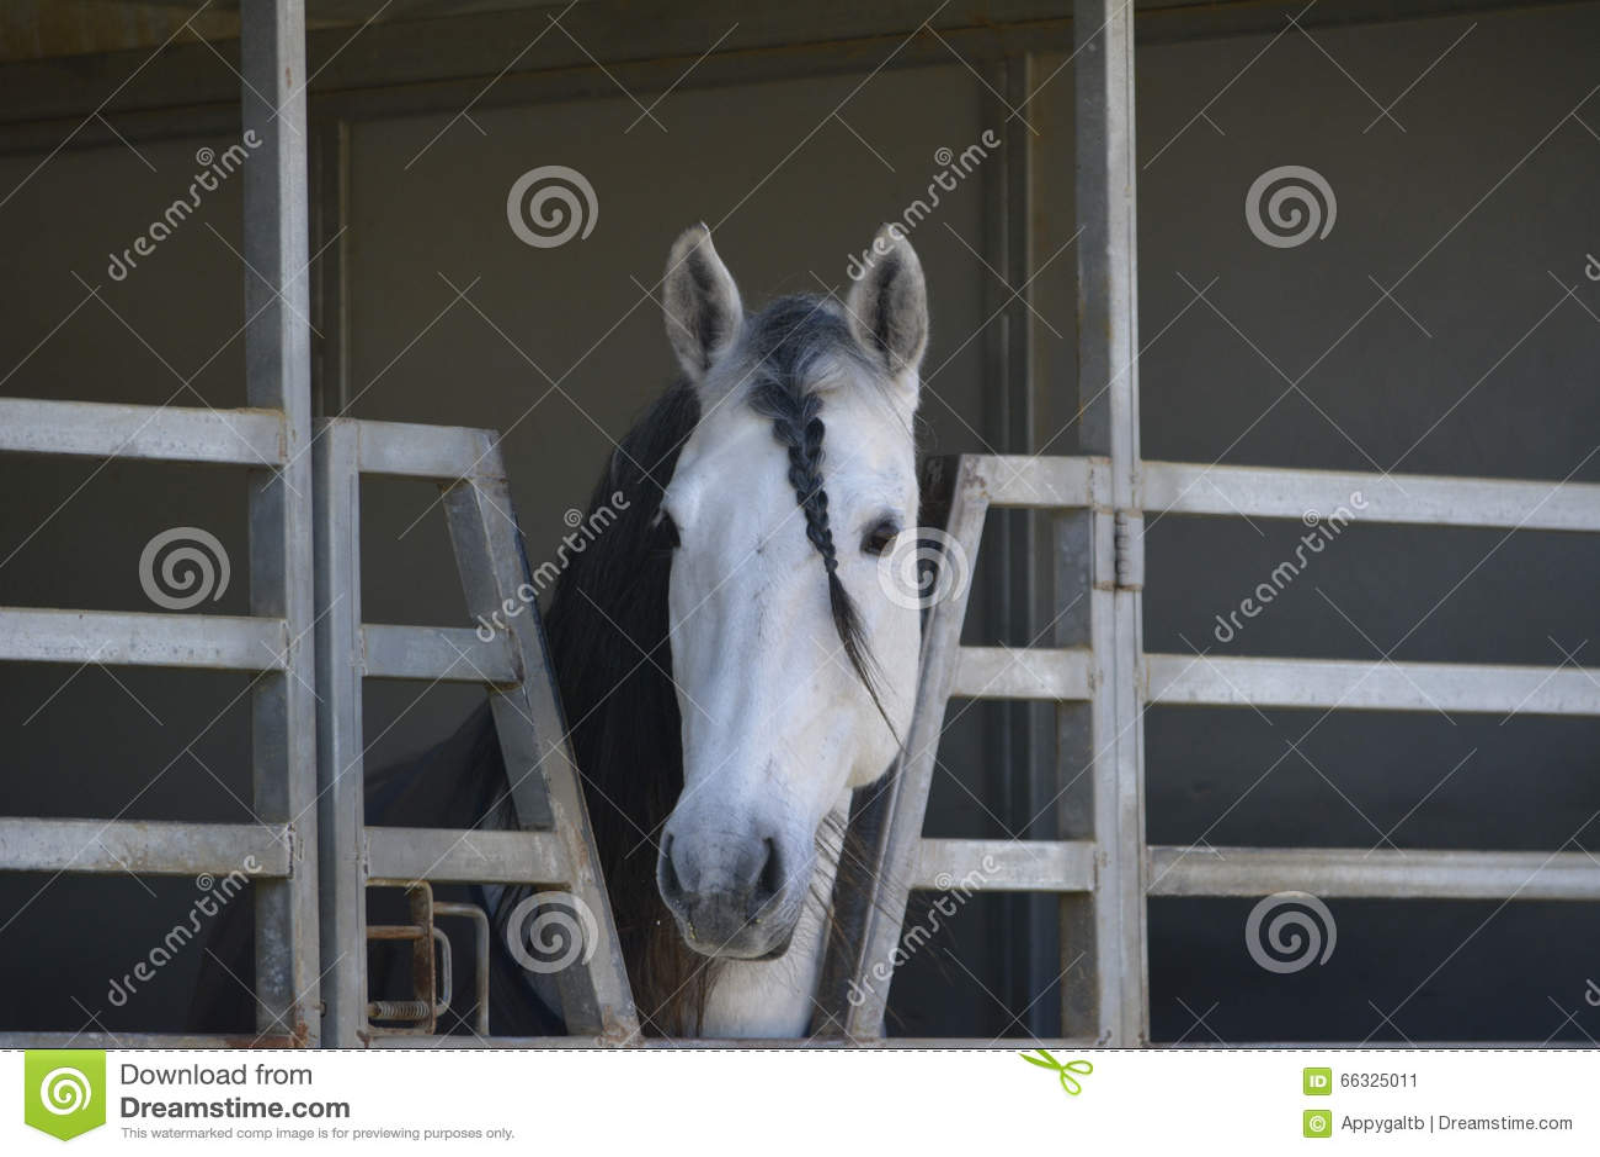 PRE stallion braided forelock